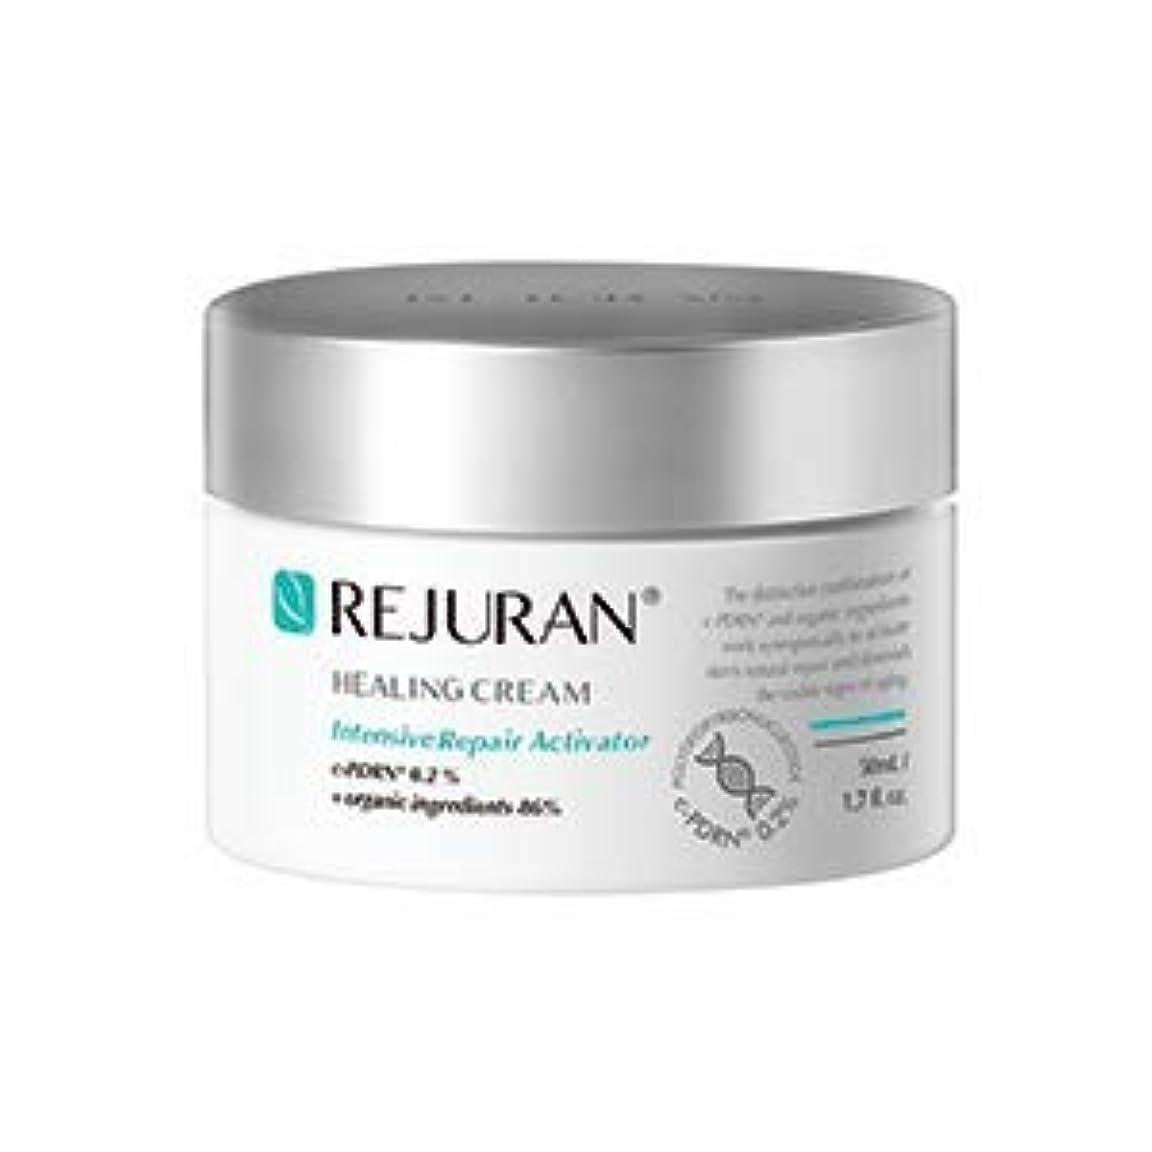 上回るジョージスティーブンソン分析的[ 皮膚科最高級ブランド ] リジュラン ヒーリング クリーム 50ml.(シワ改善機能性)REJURAN Healin Cream 50ml. X Healing Mask 2p